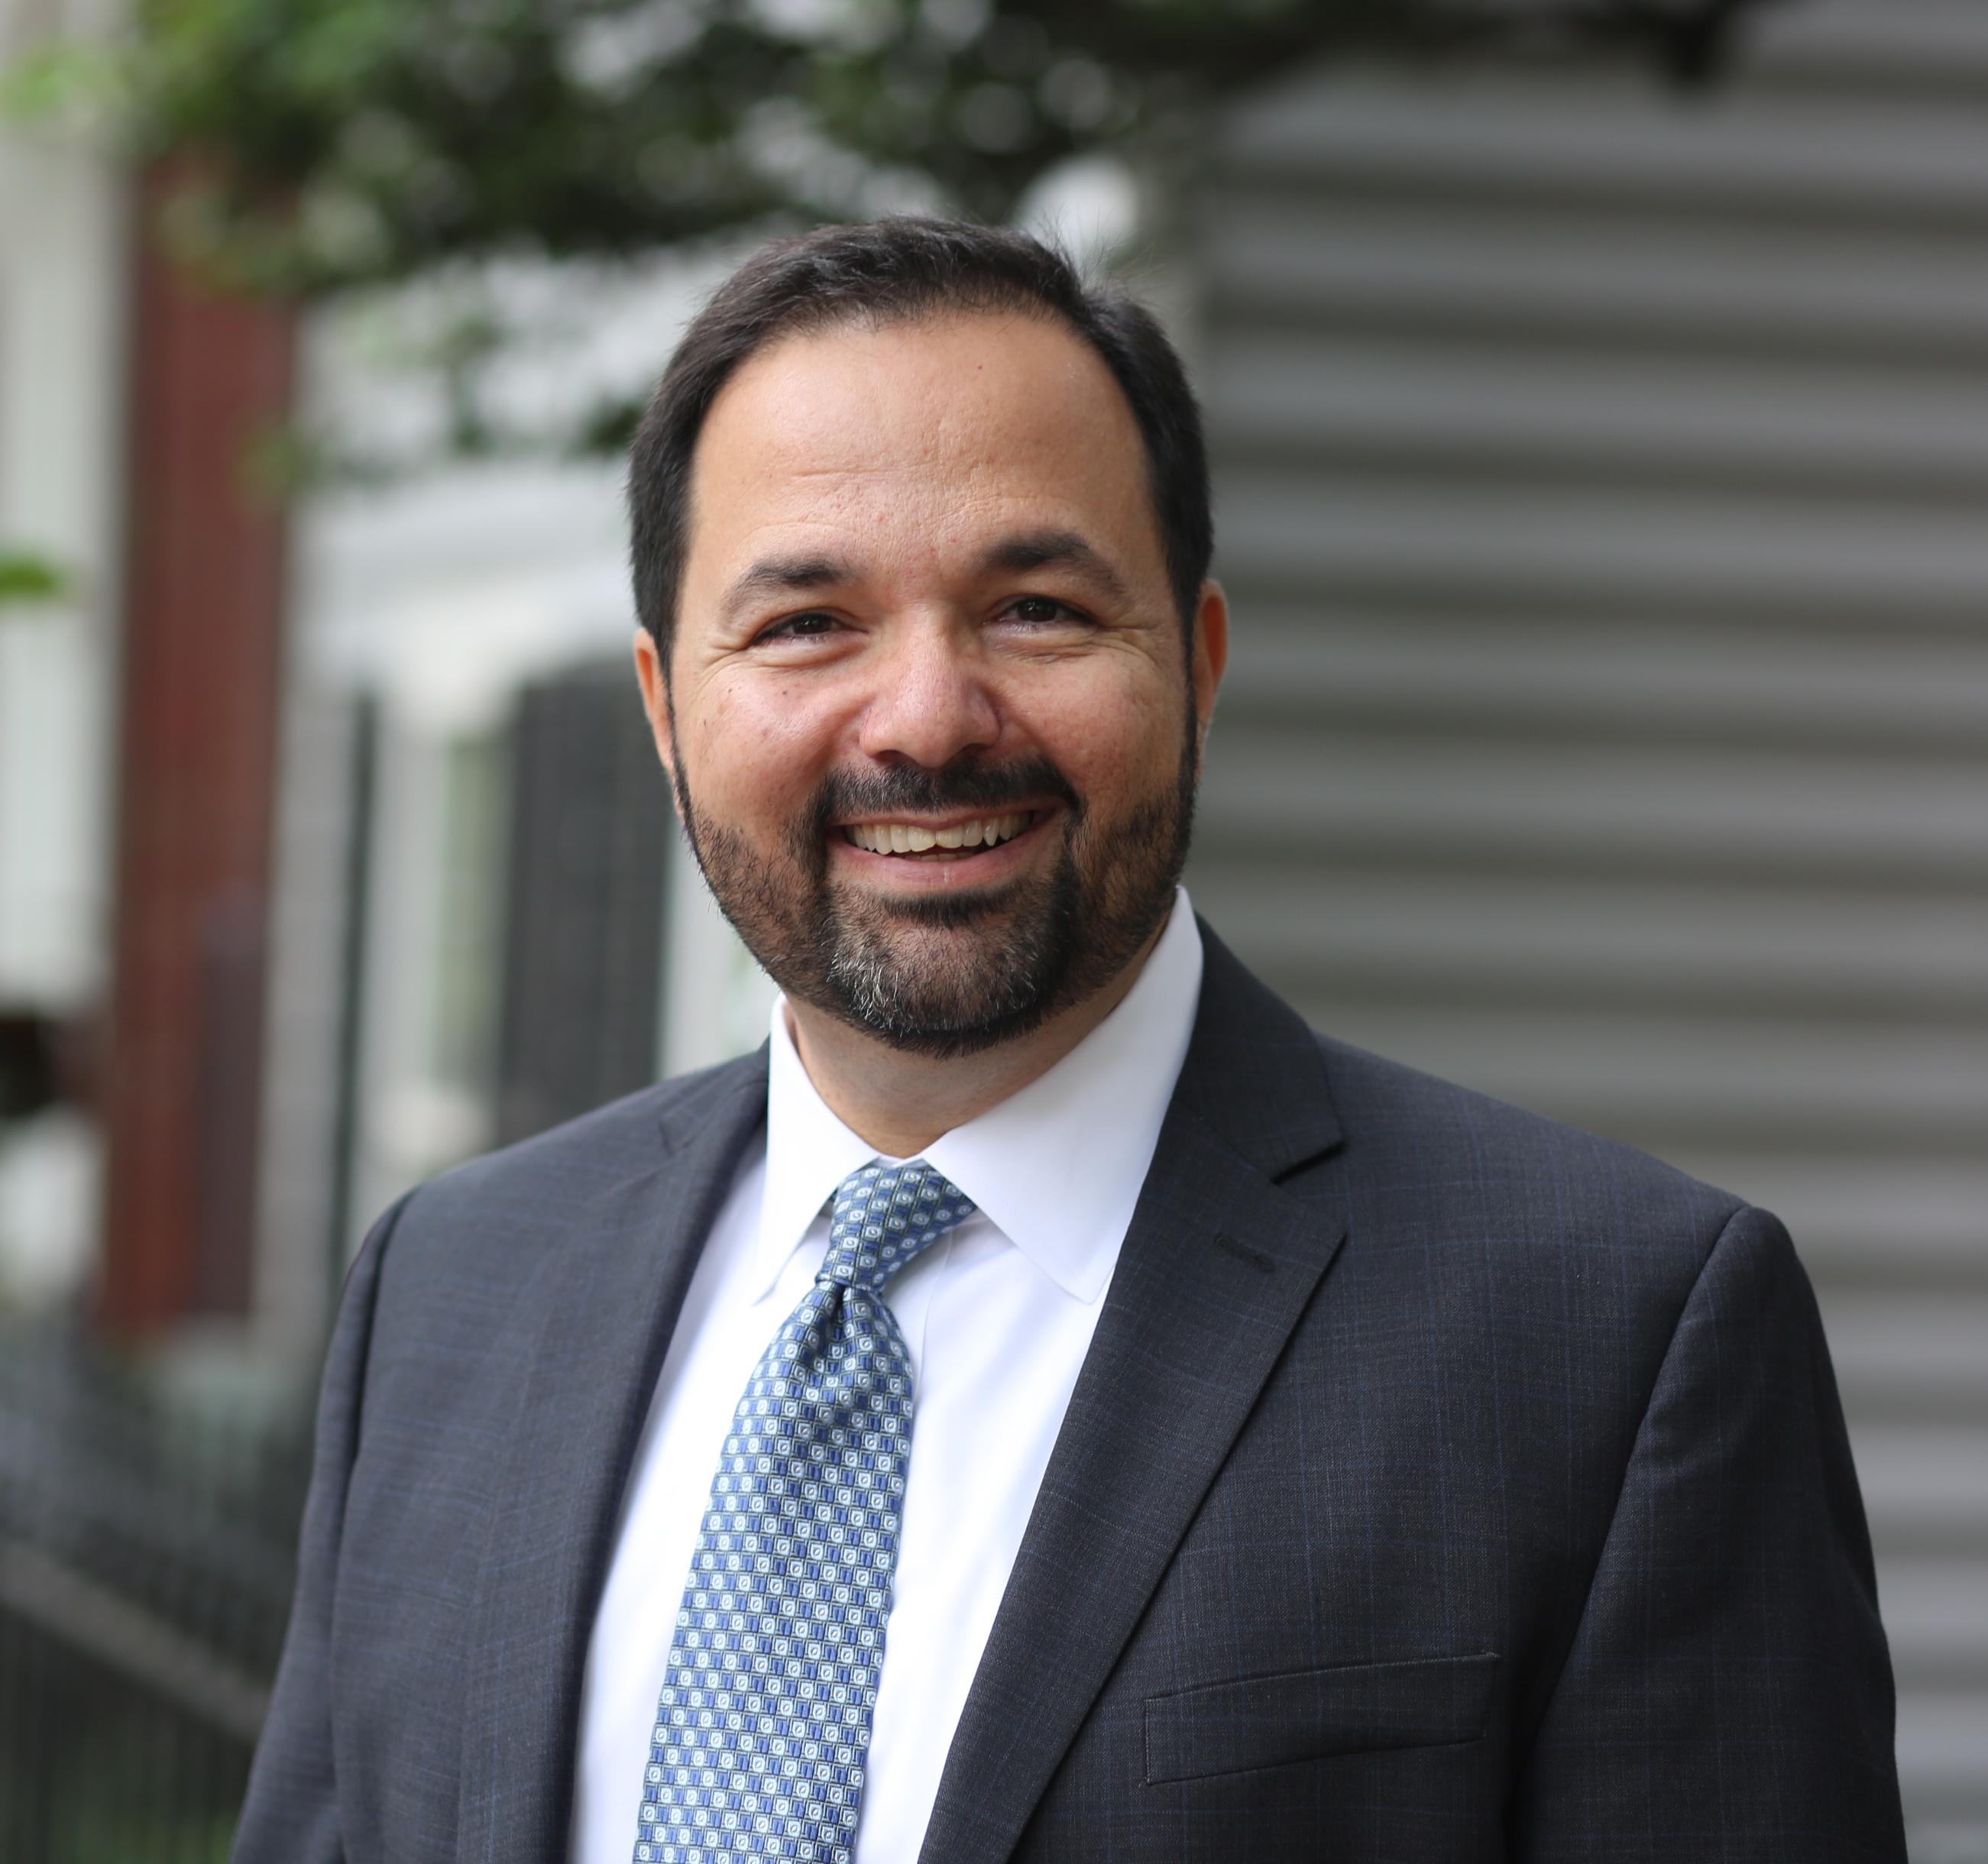 Omar  S. Sherzai